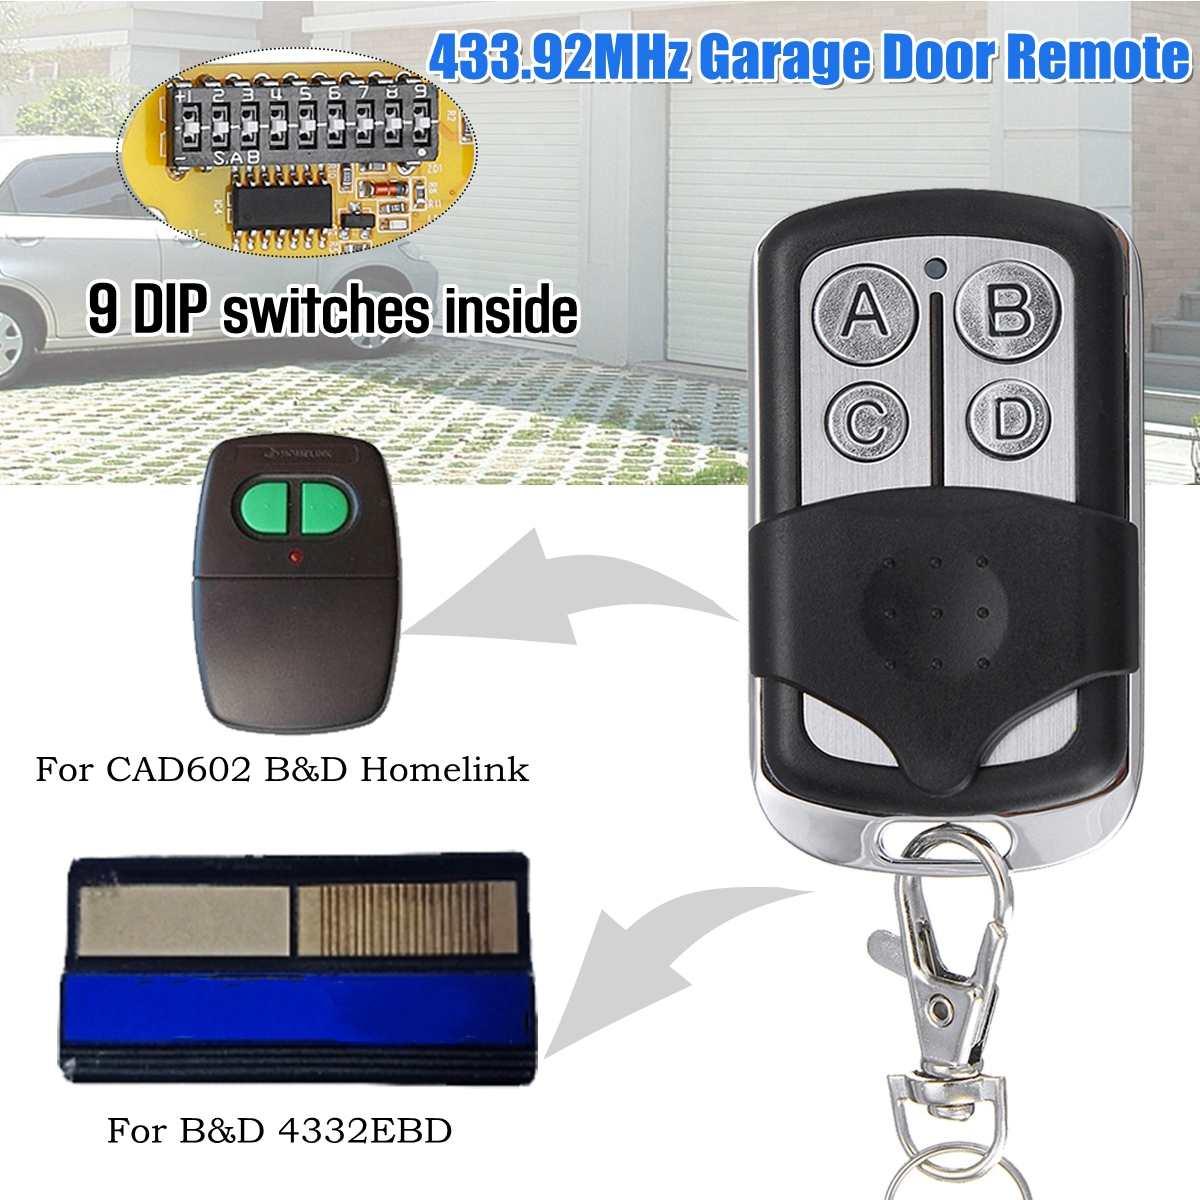 12 v 433.92 mhz Controle Remoto Da Porta Da Garagem 9 Interruptor DIP Para O B & D Acento CAD603 062171/4332EBD